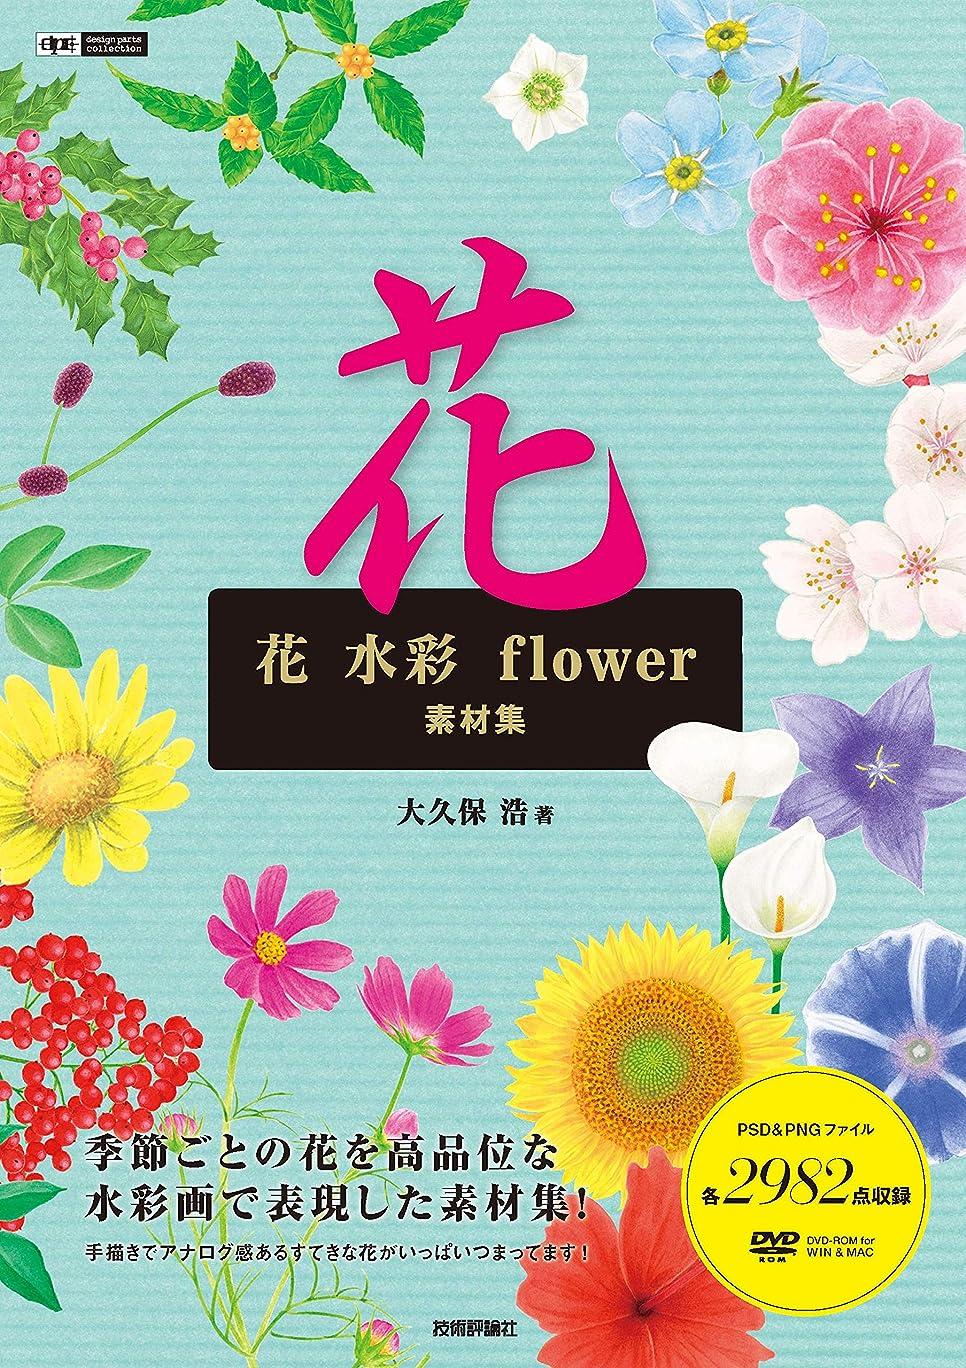 敬な急性いいね花 水彩 flower 素材集 design parts collection